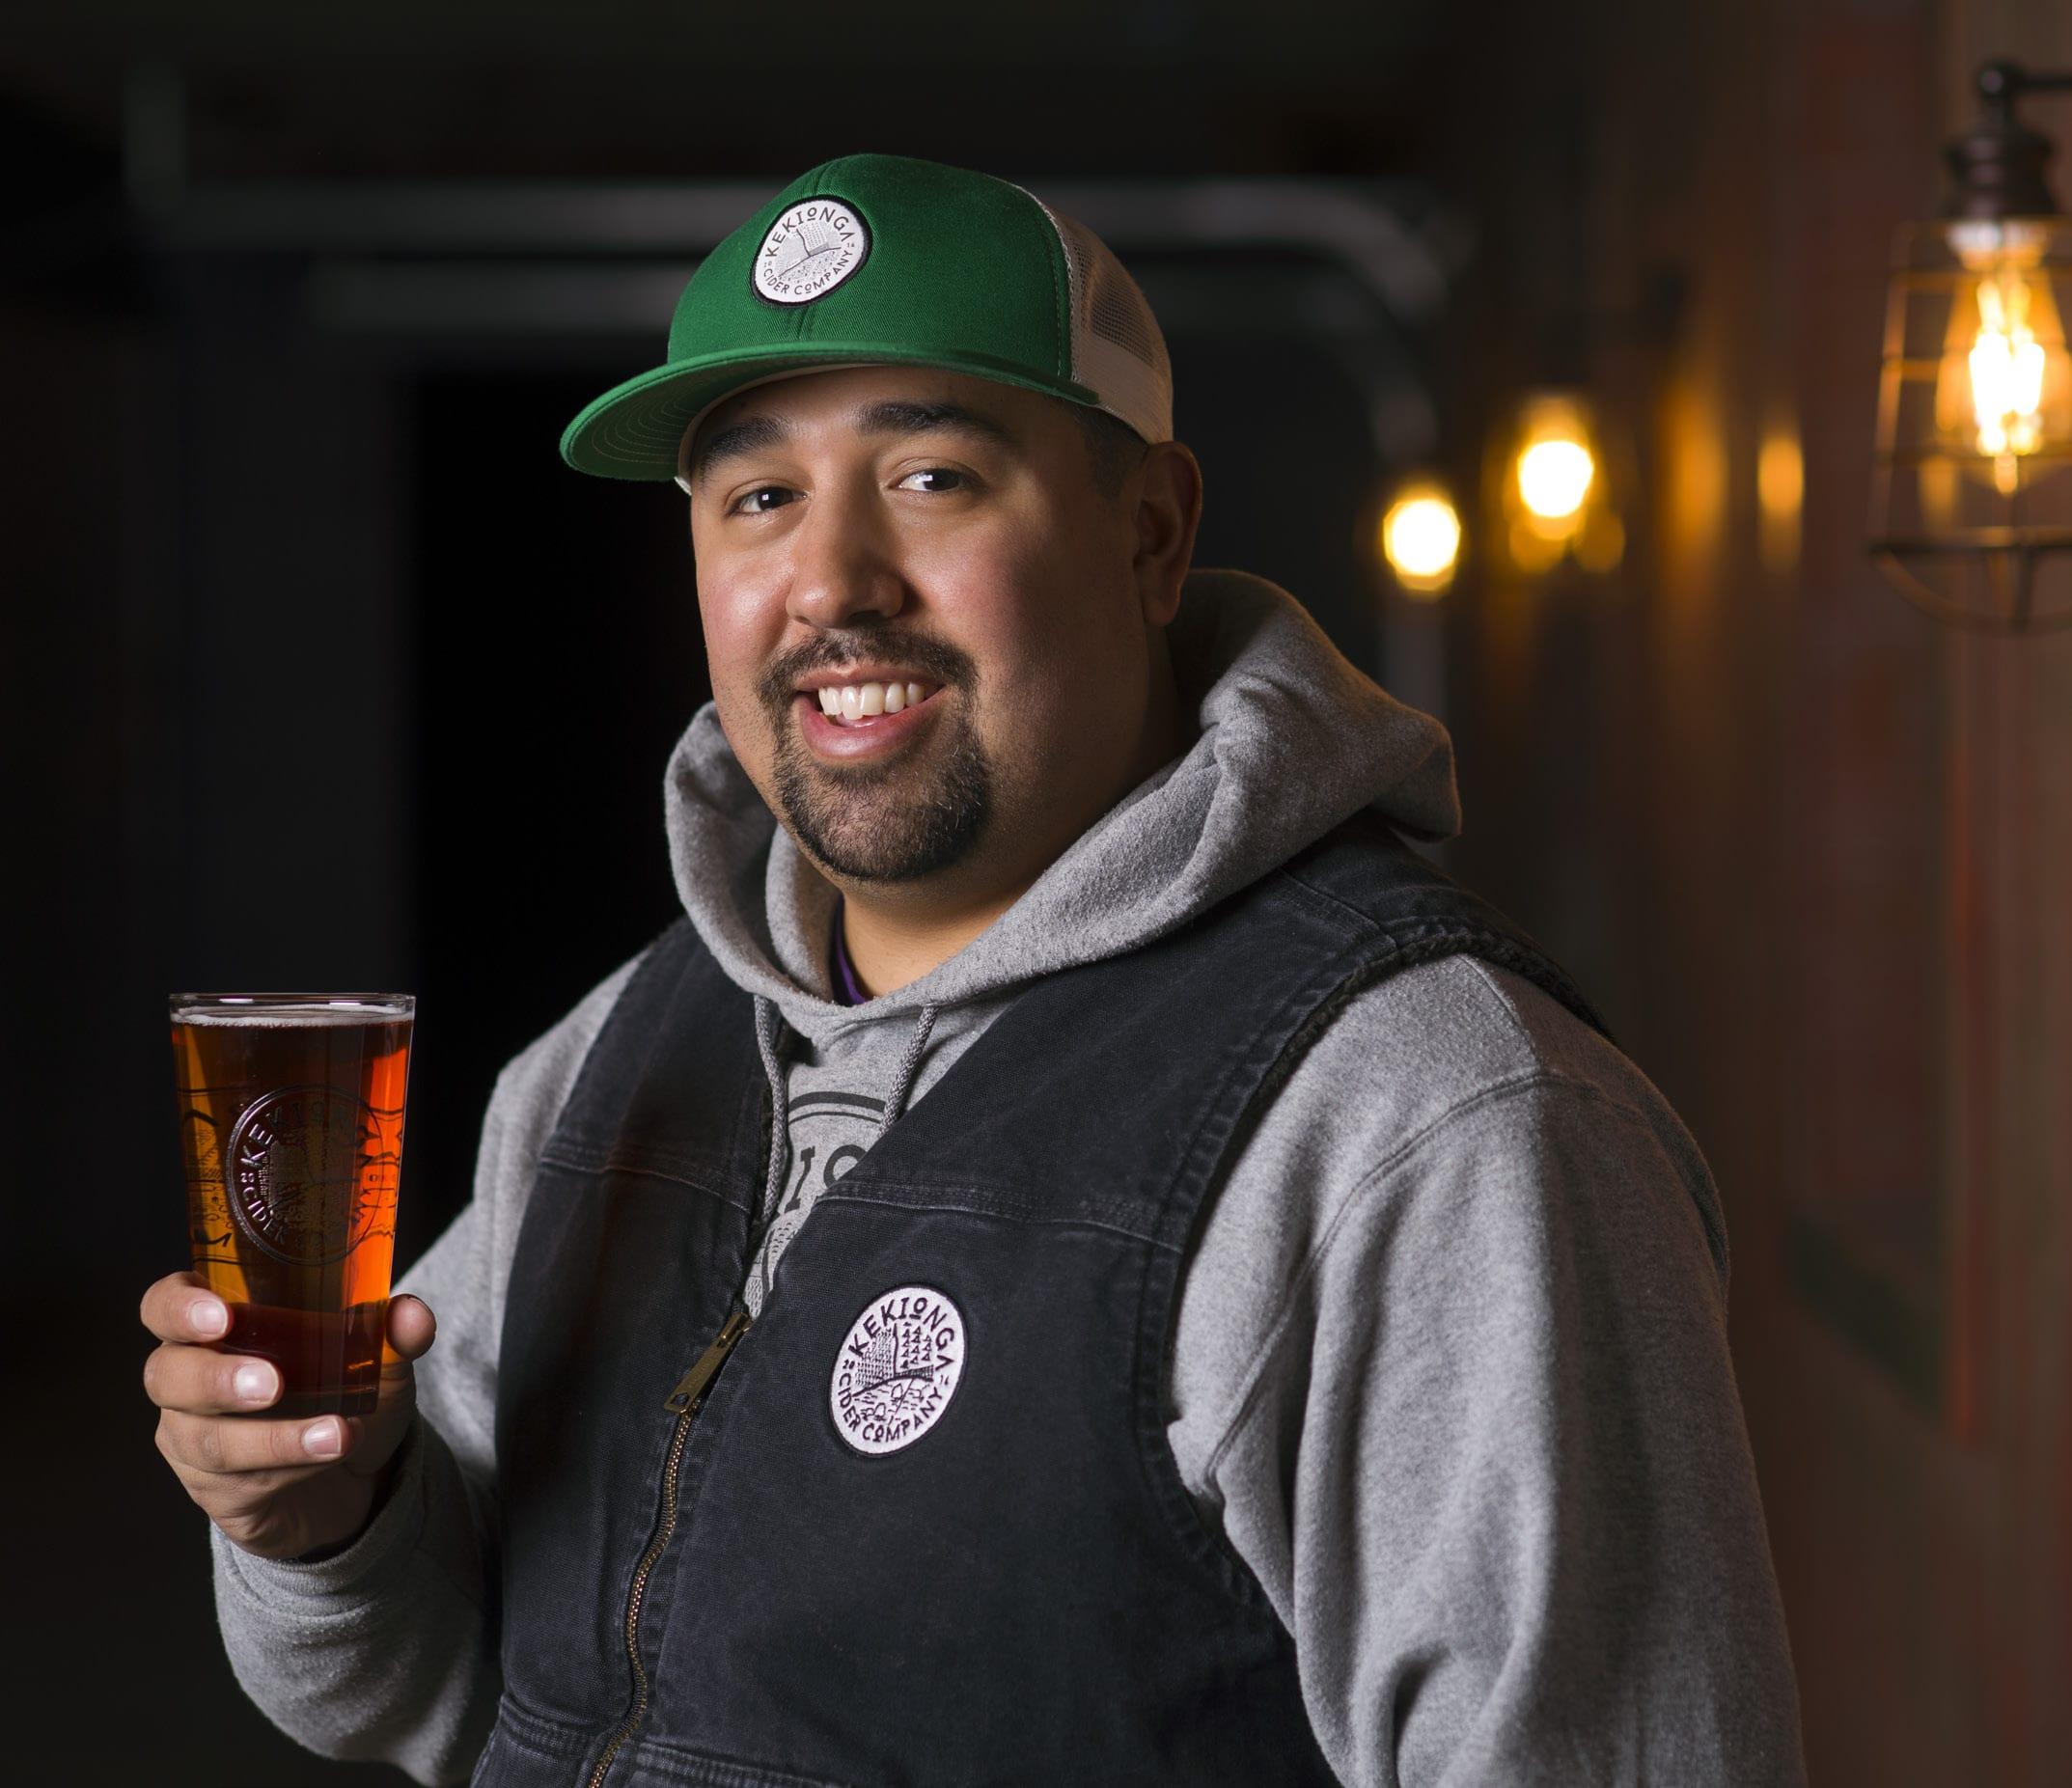 Kekionga Cider Company | Logan Barger holding craft beer cider